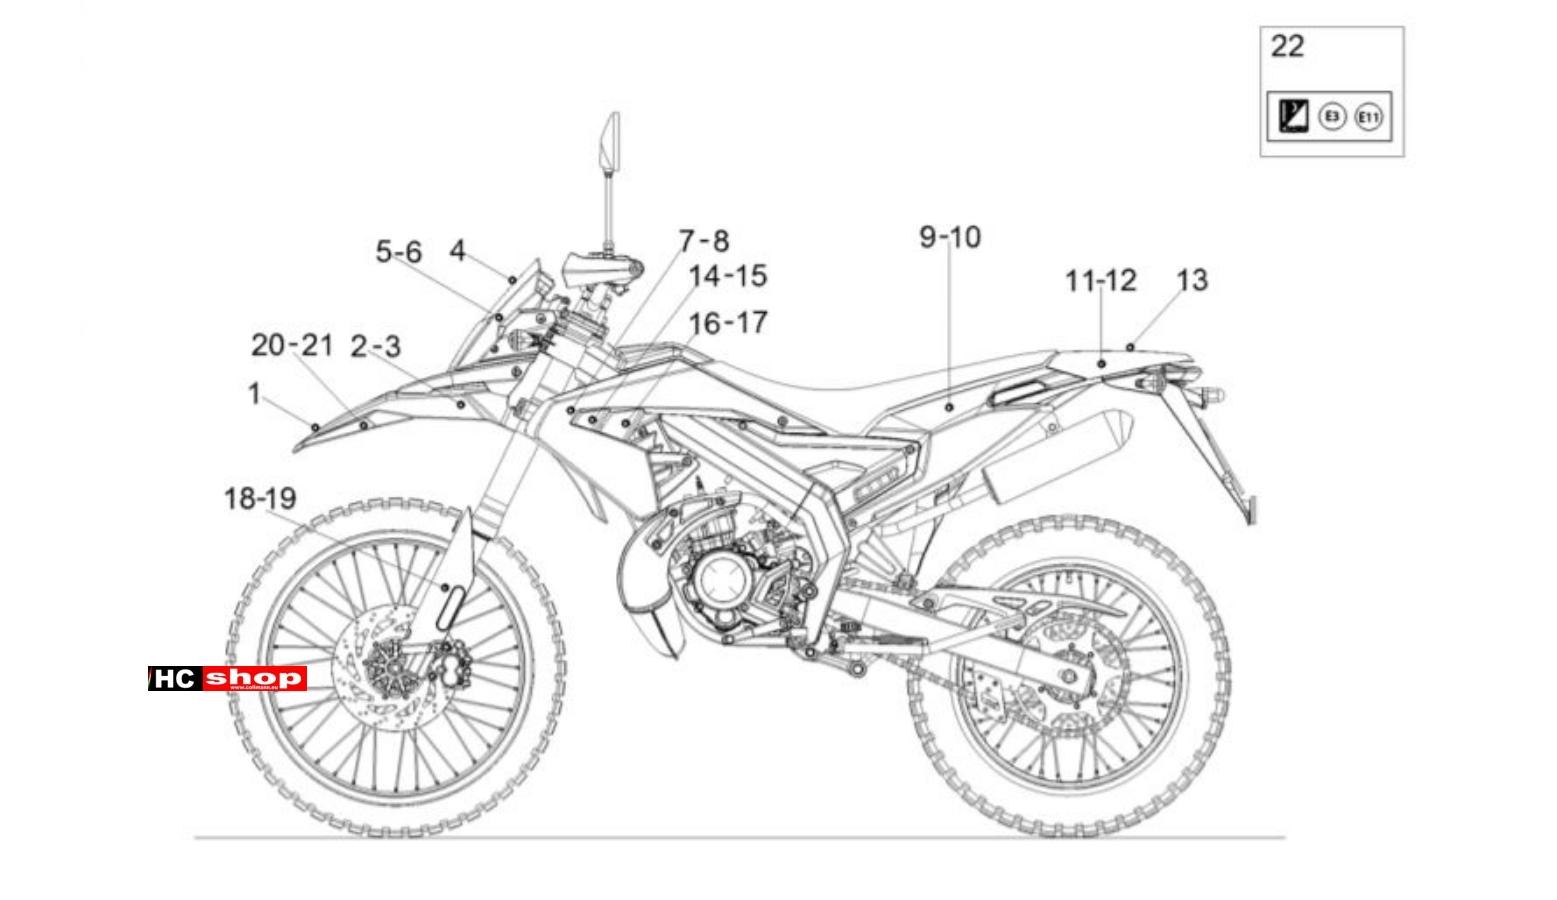 Ttr50 Wiring Diagram Schematics 2003 Yamaha Ttr 125 50 Carburetor And Engine Dt250 Blck0004 Furthermore